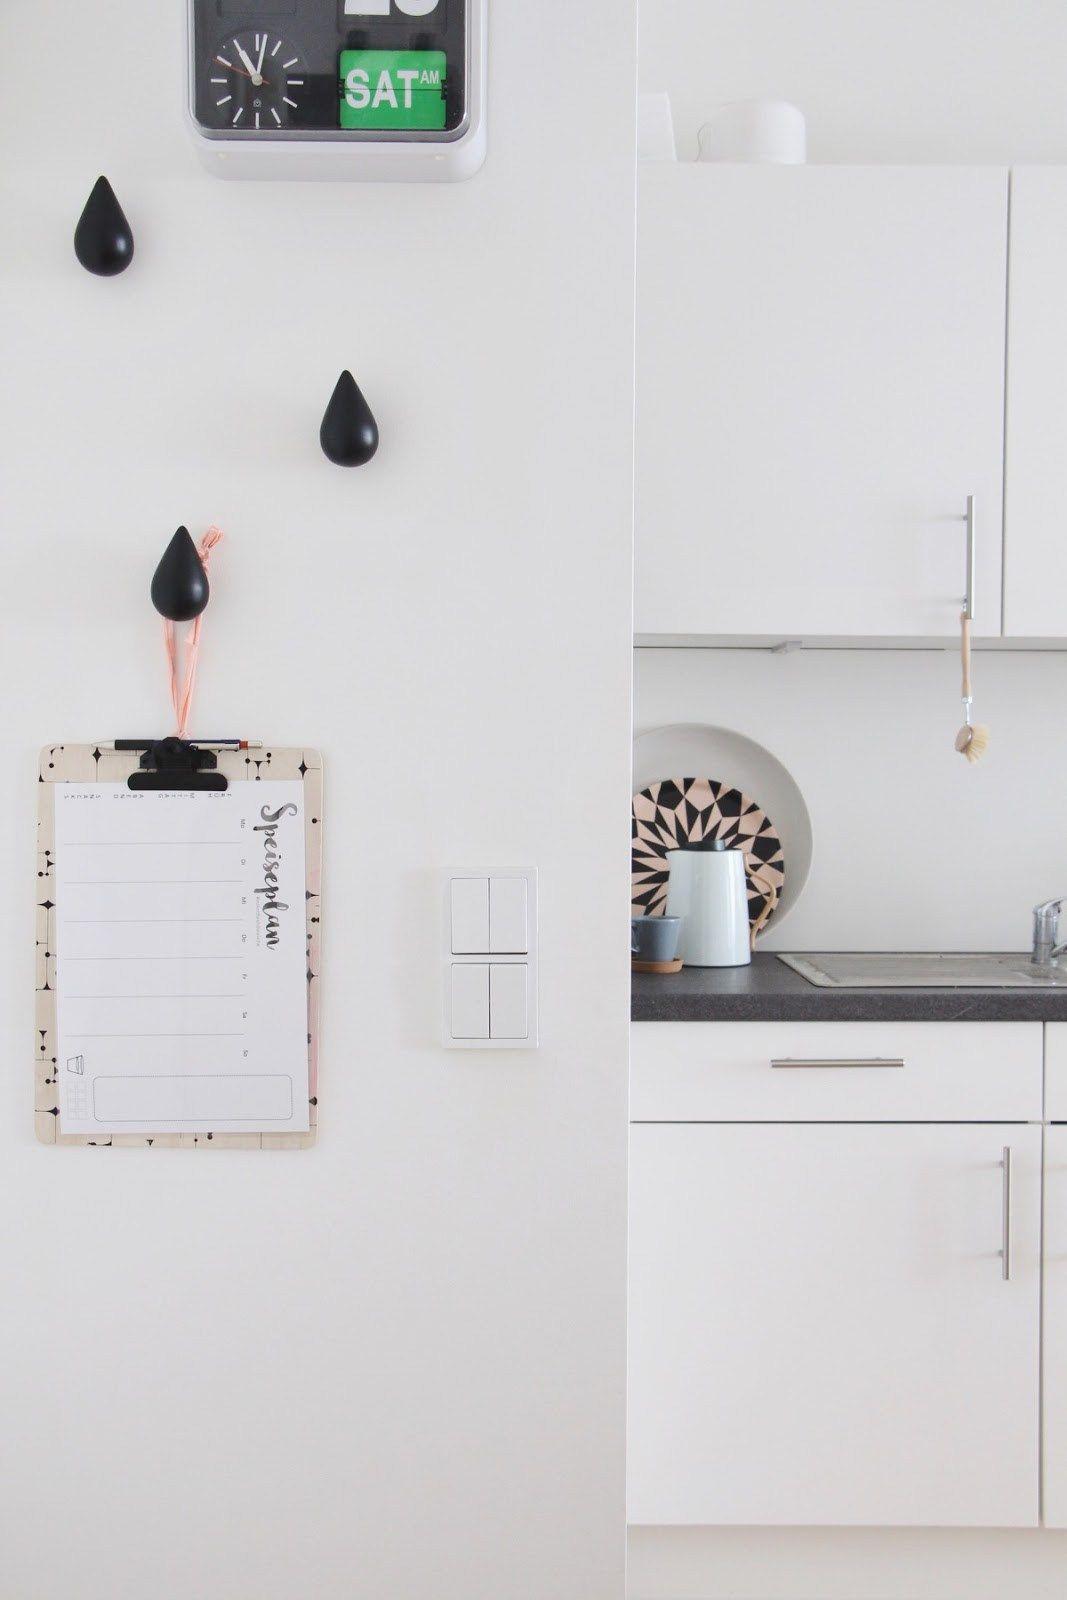 druchvorlage kostenloser speiseplan f r eine woche zum drucken wochenplan oder essensplan. Black Bedroom Furniture Sets. Home Design Ideas